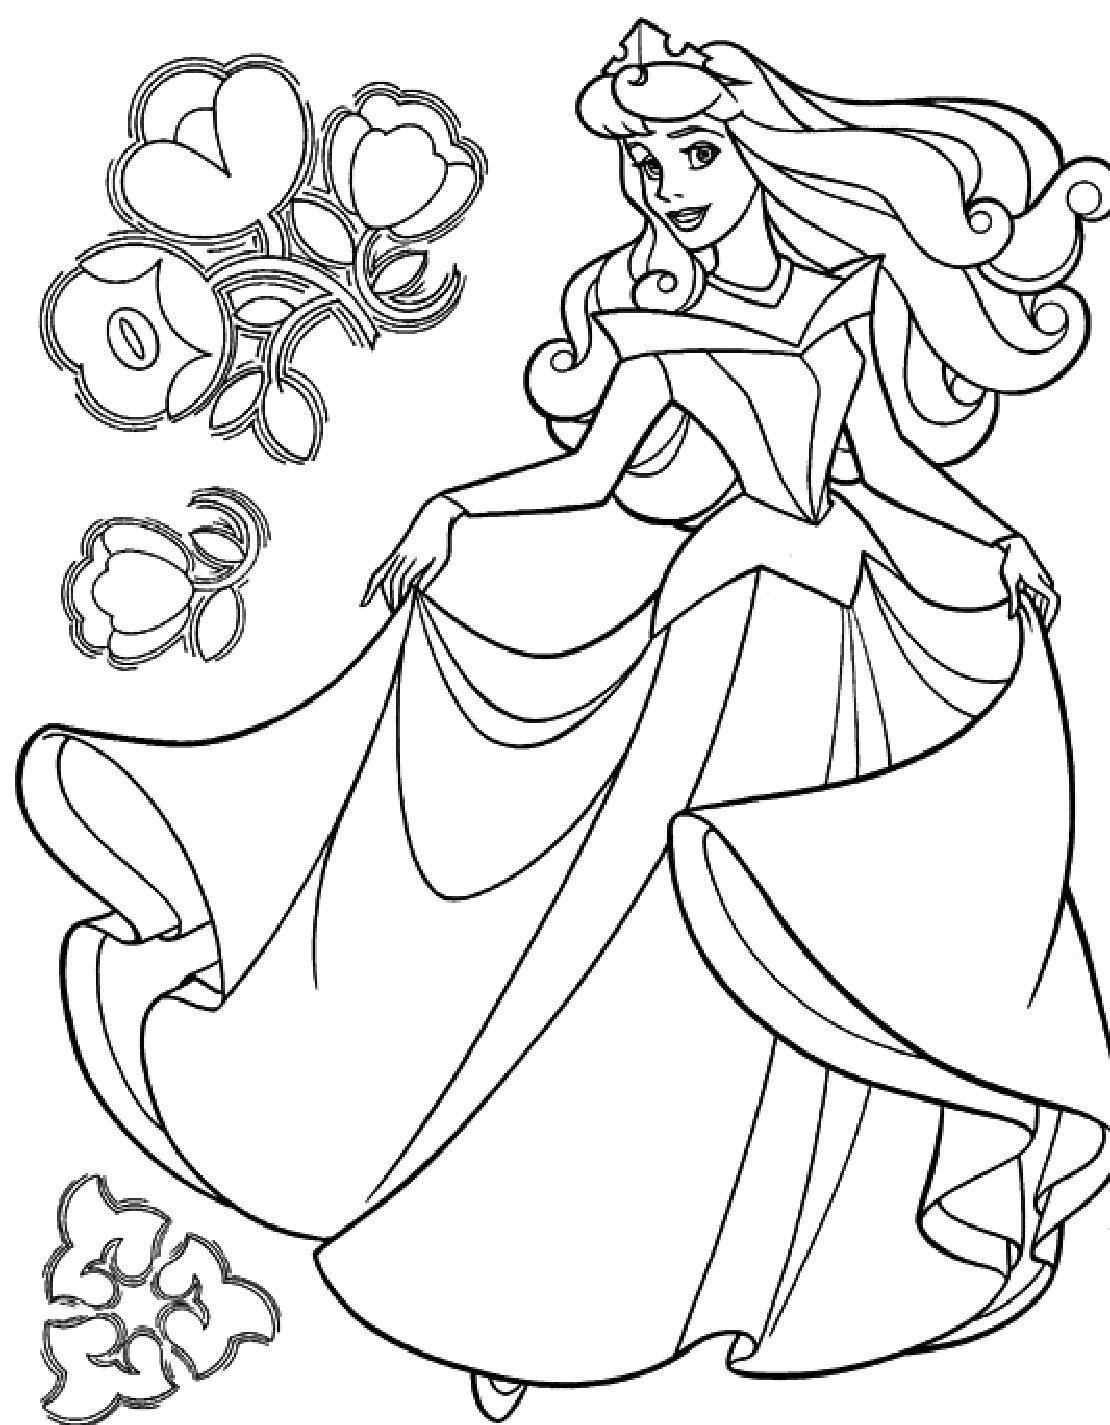 cindirella coloring pages printable cindirella coloring pages free cindirella coloring pages online cindirella - Cinderella Coloring Pages Print